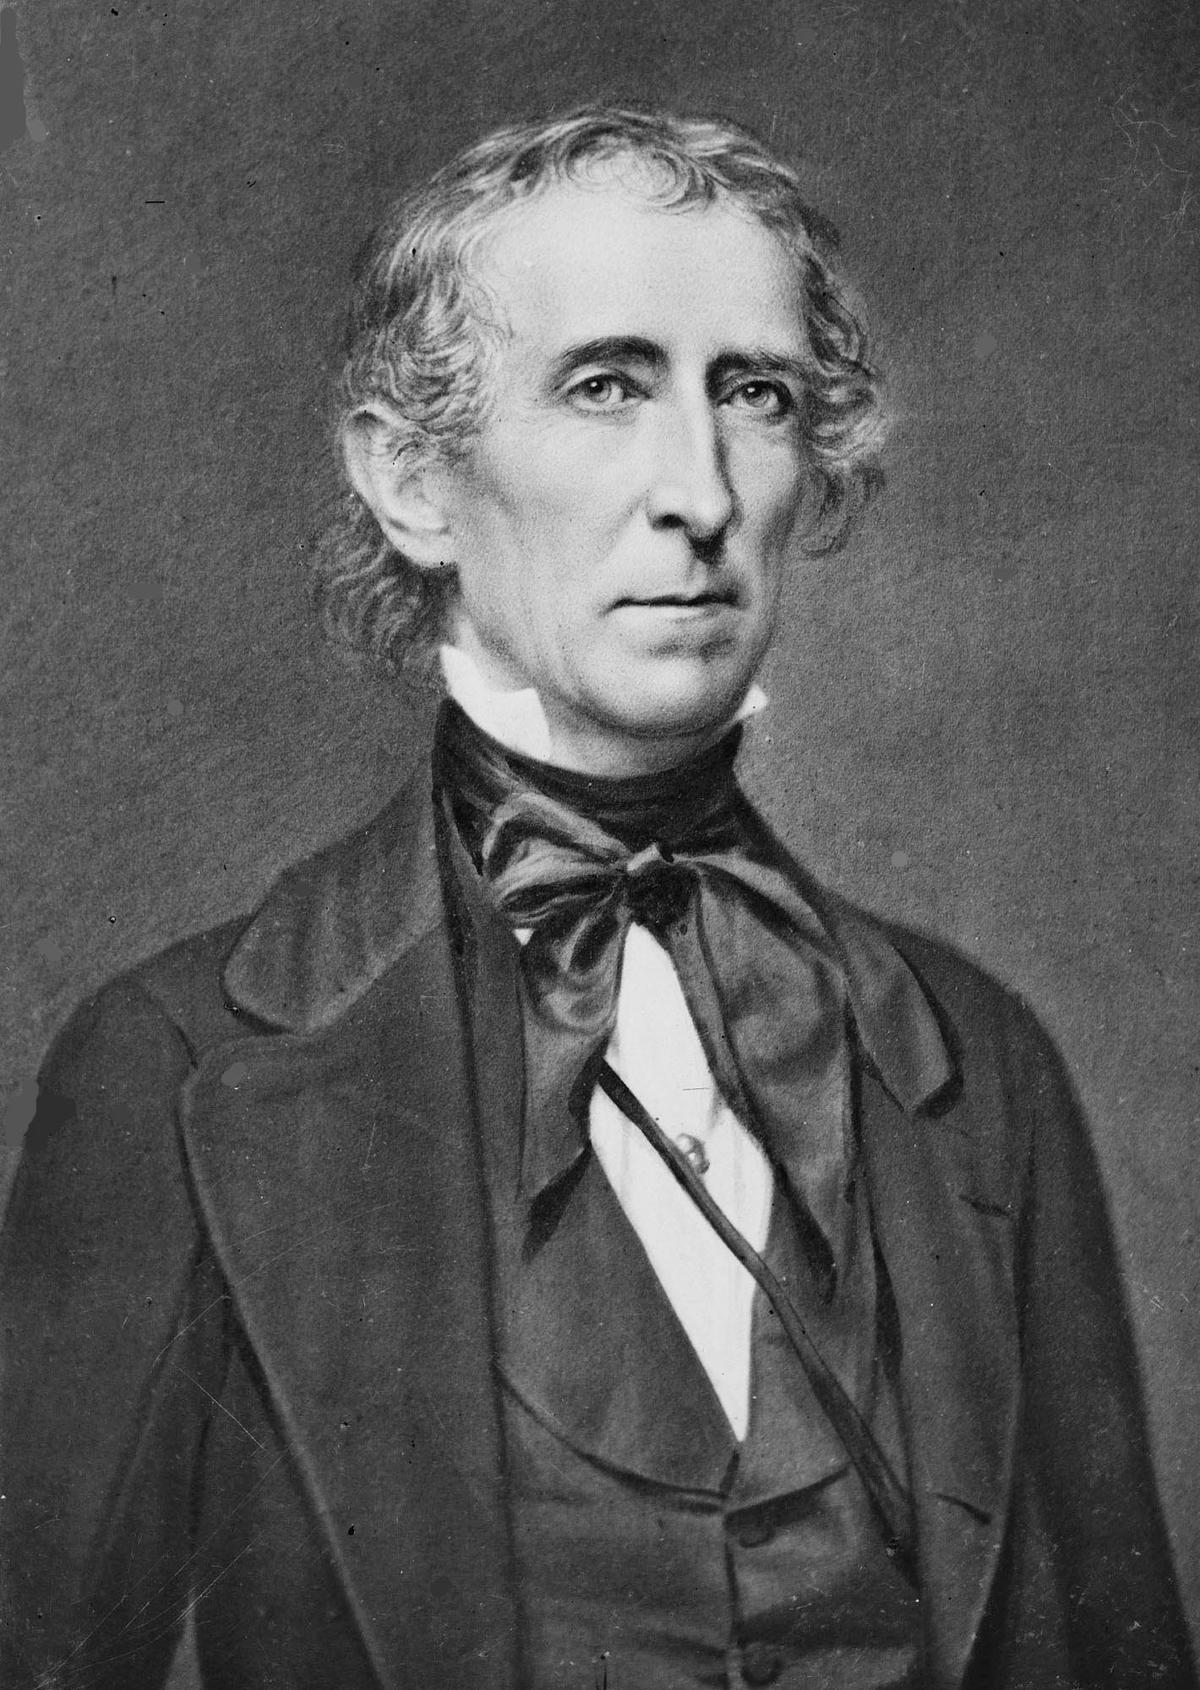 صورة سيرة ذاتية للرئيس الأمريكي جون تايلر 1841-1845م